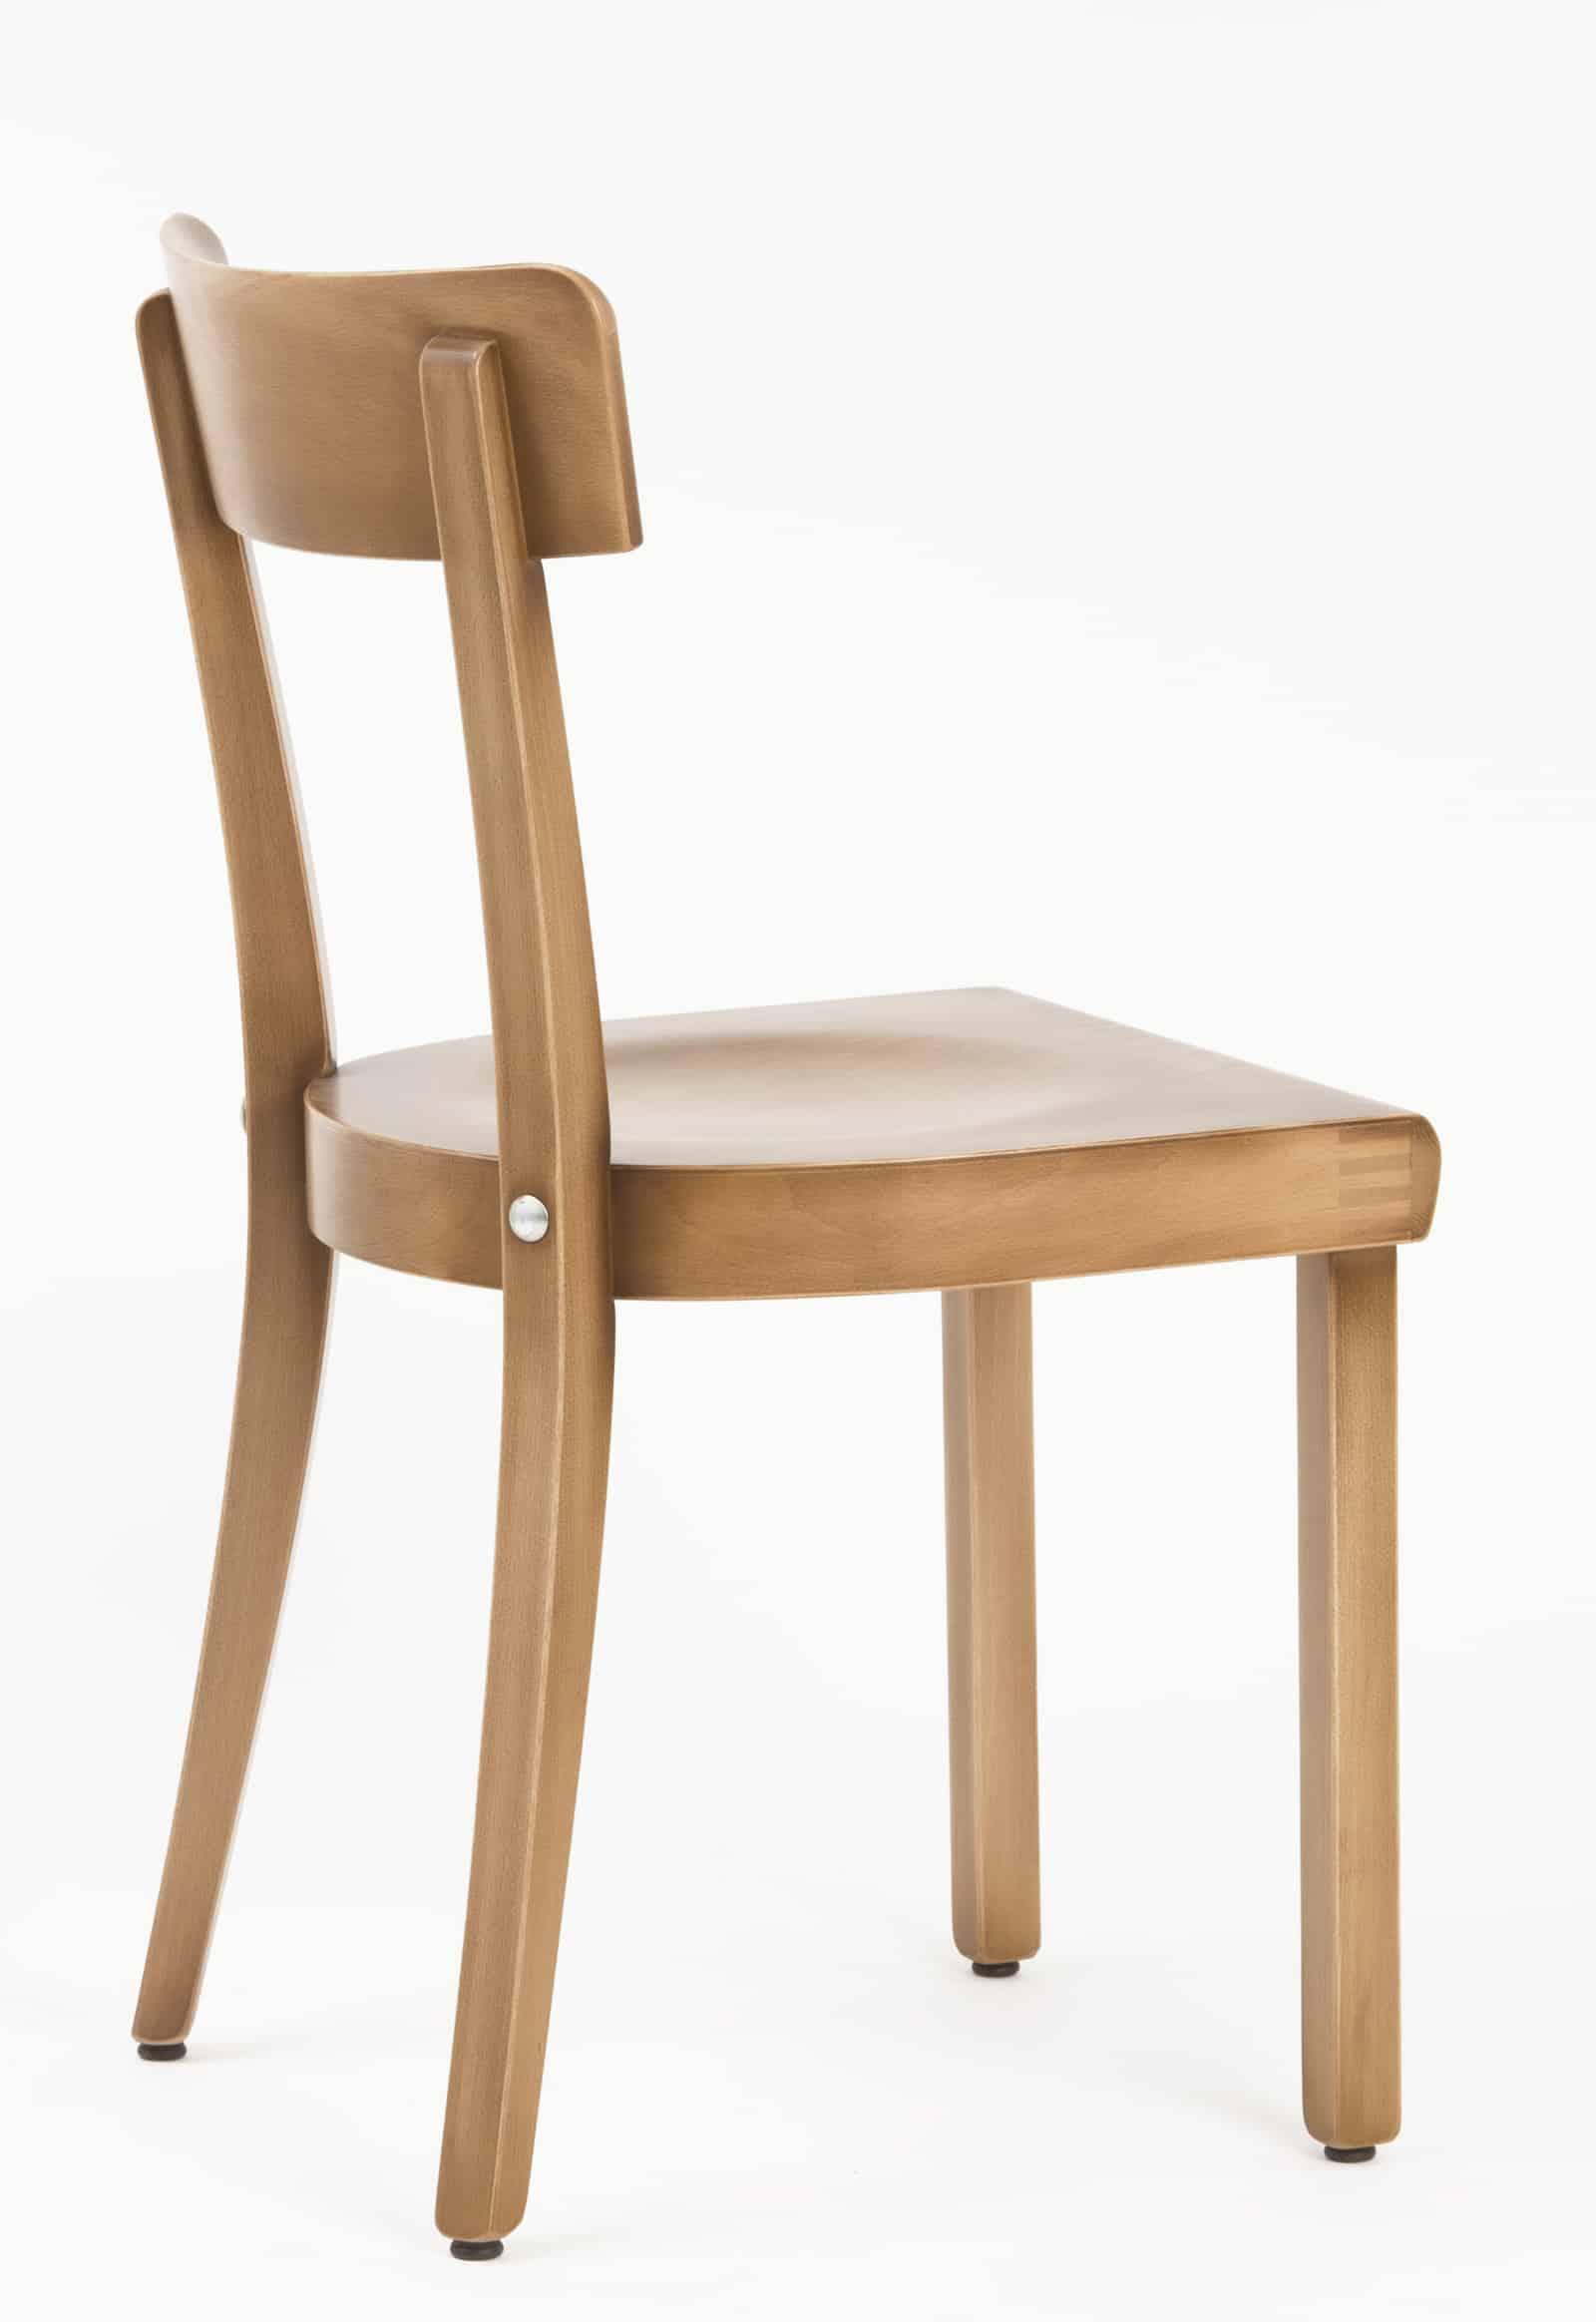 Nachhaltig hergestellter Stuhl der Stuhlfabrik Schnieder